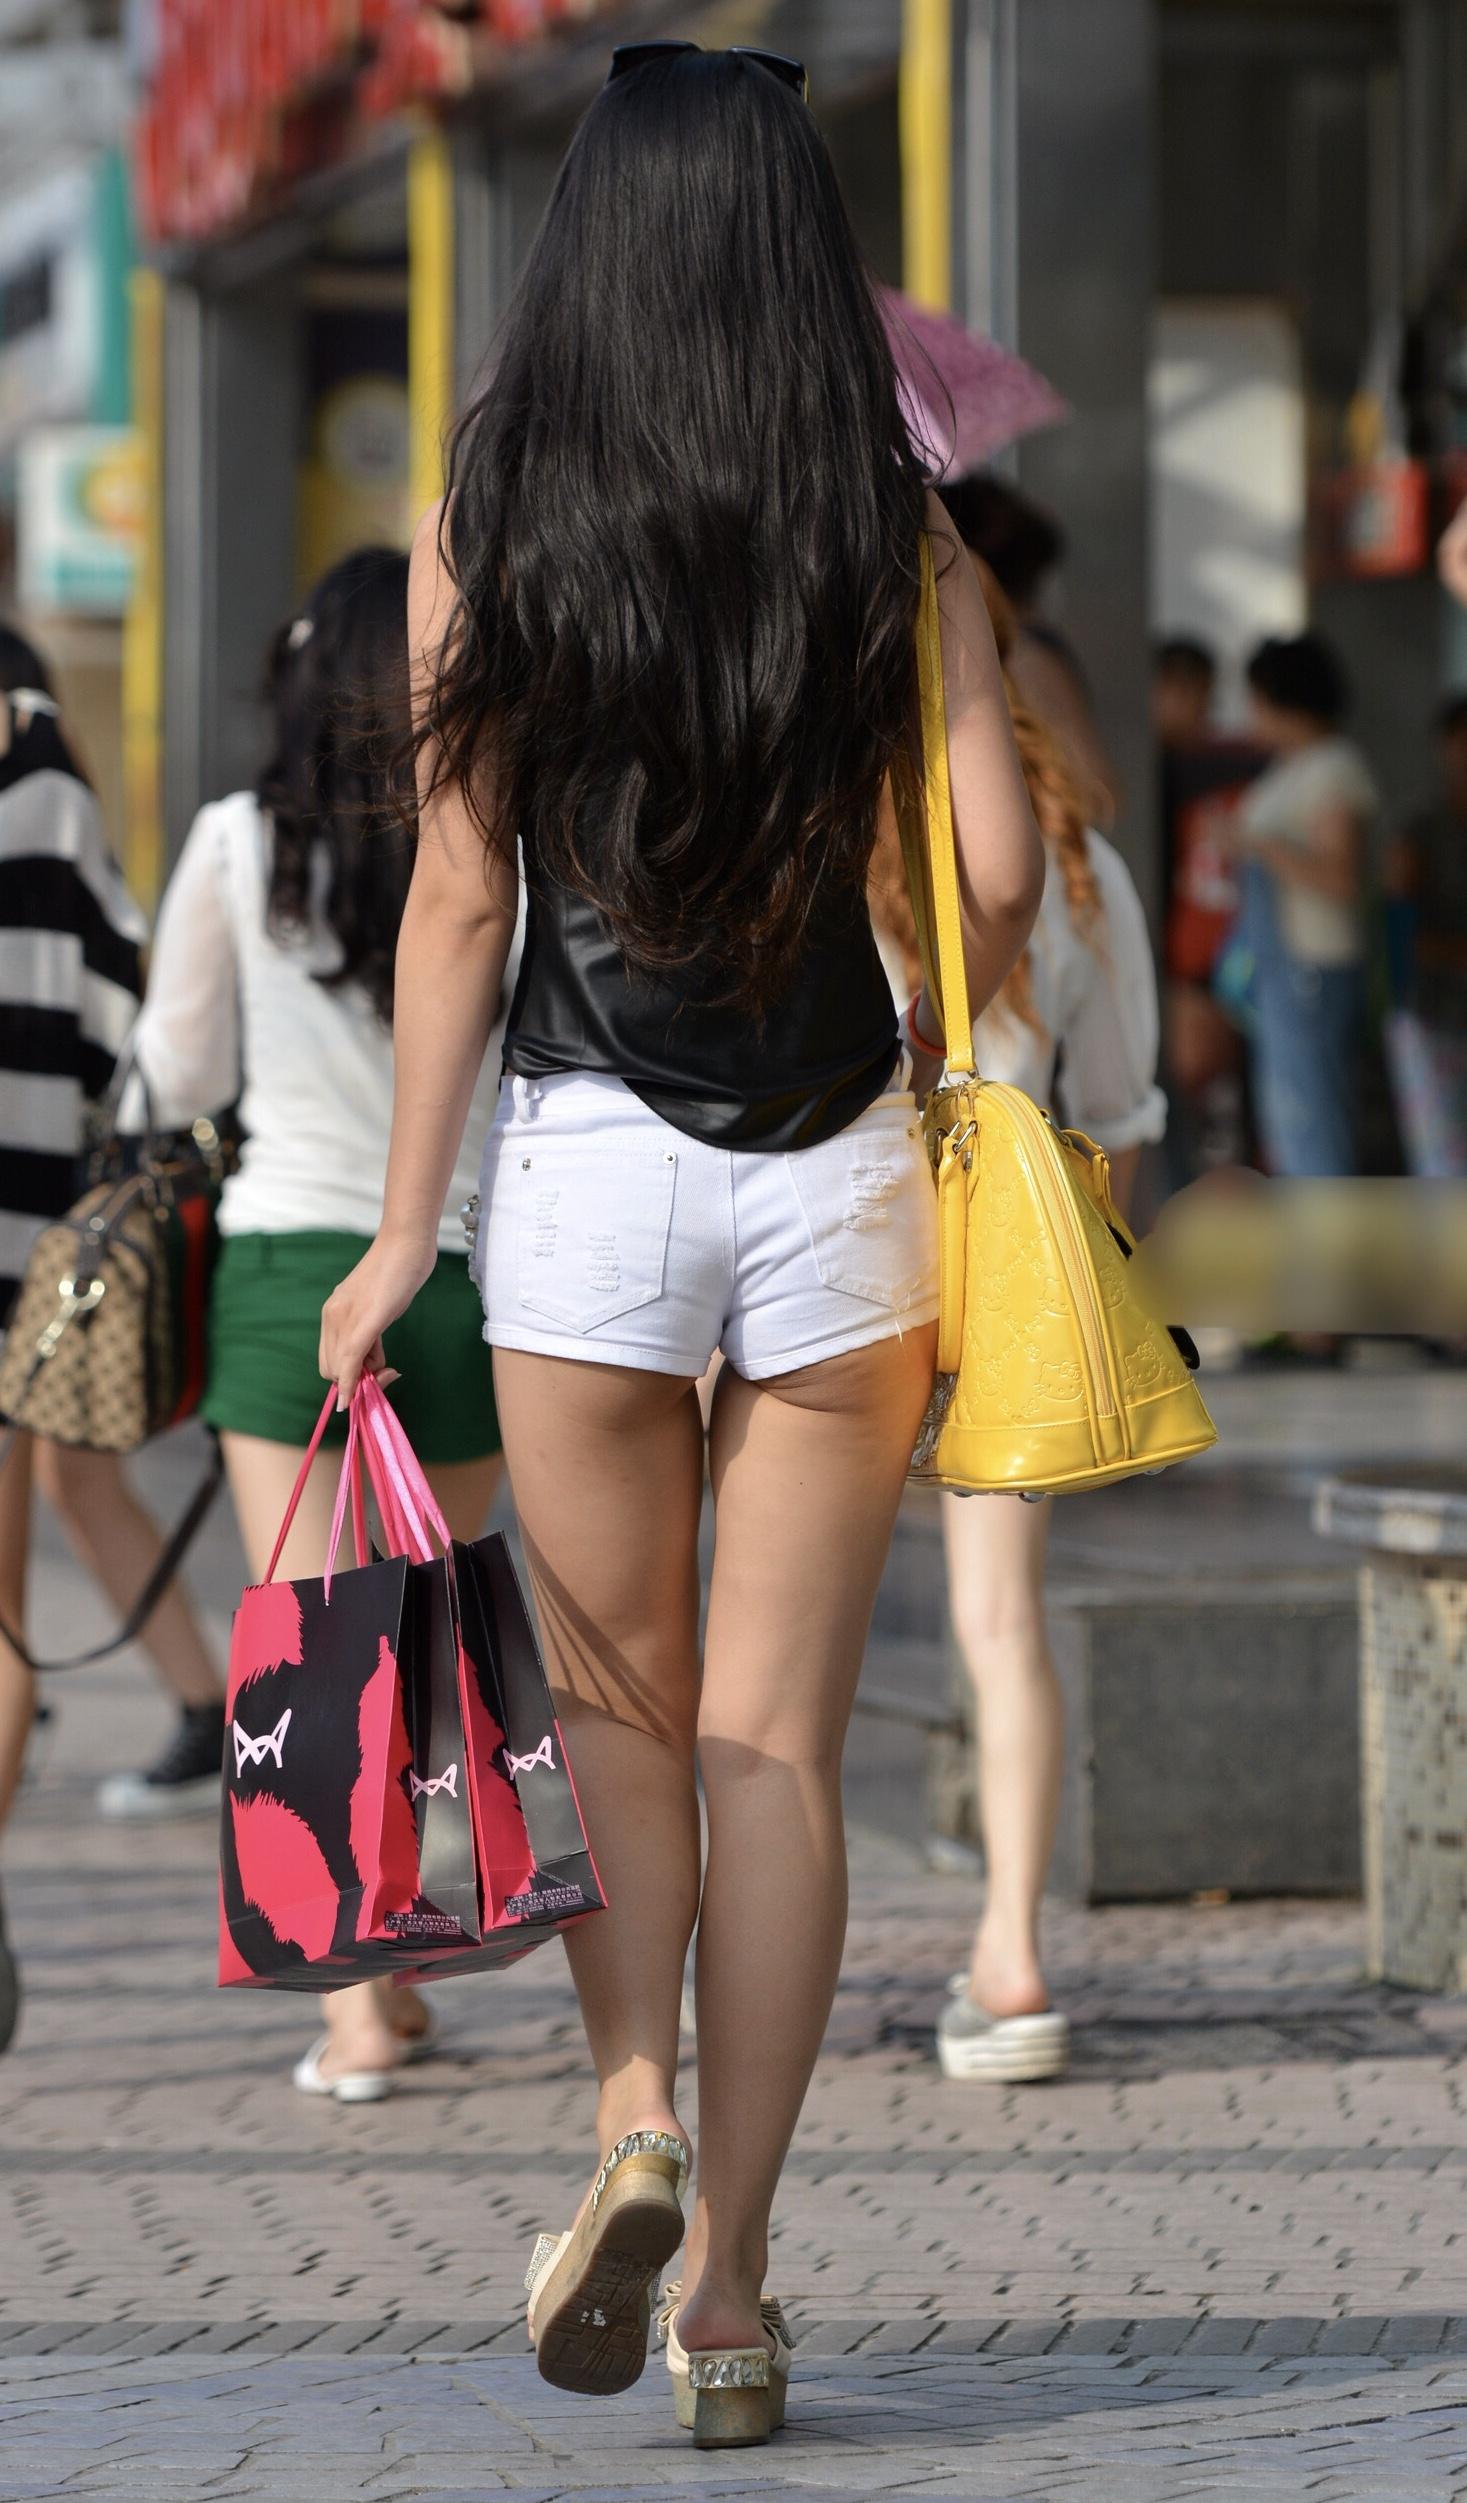 挟まれてみたい太ももがエッチなショートパンツ女子の素人エロ画像-37